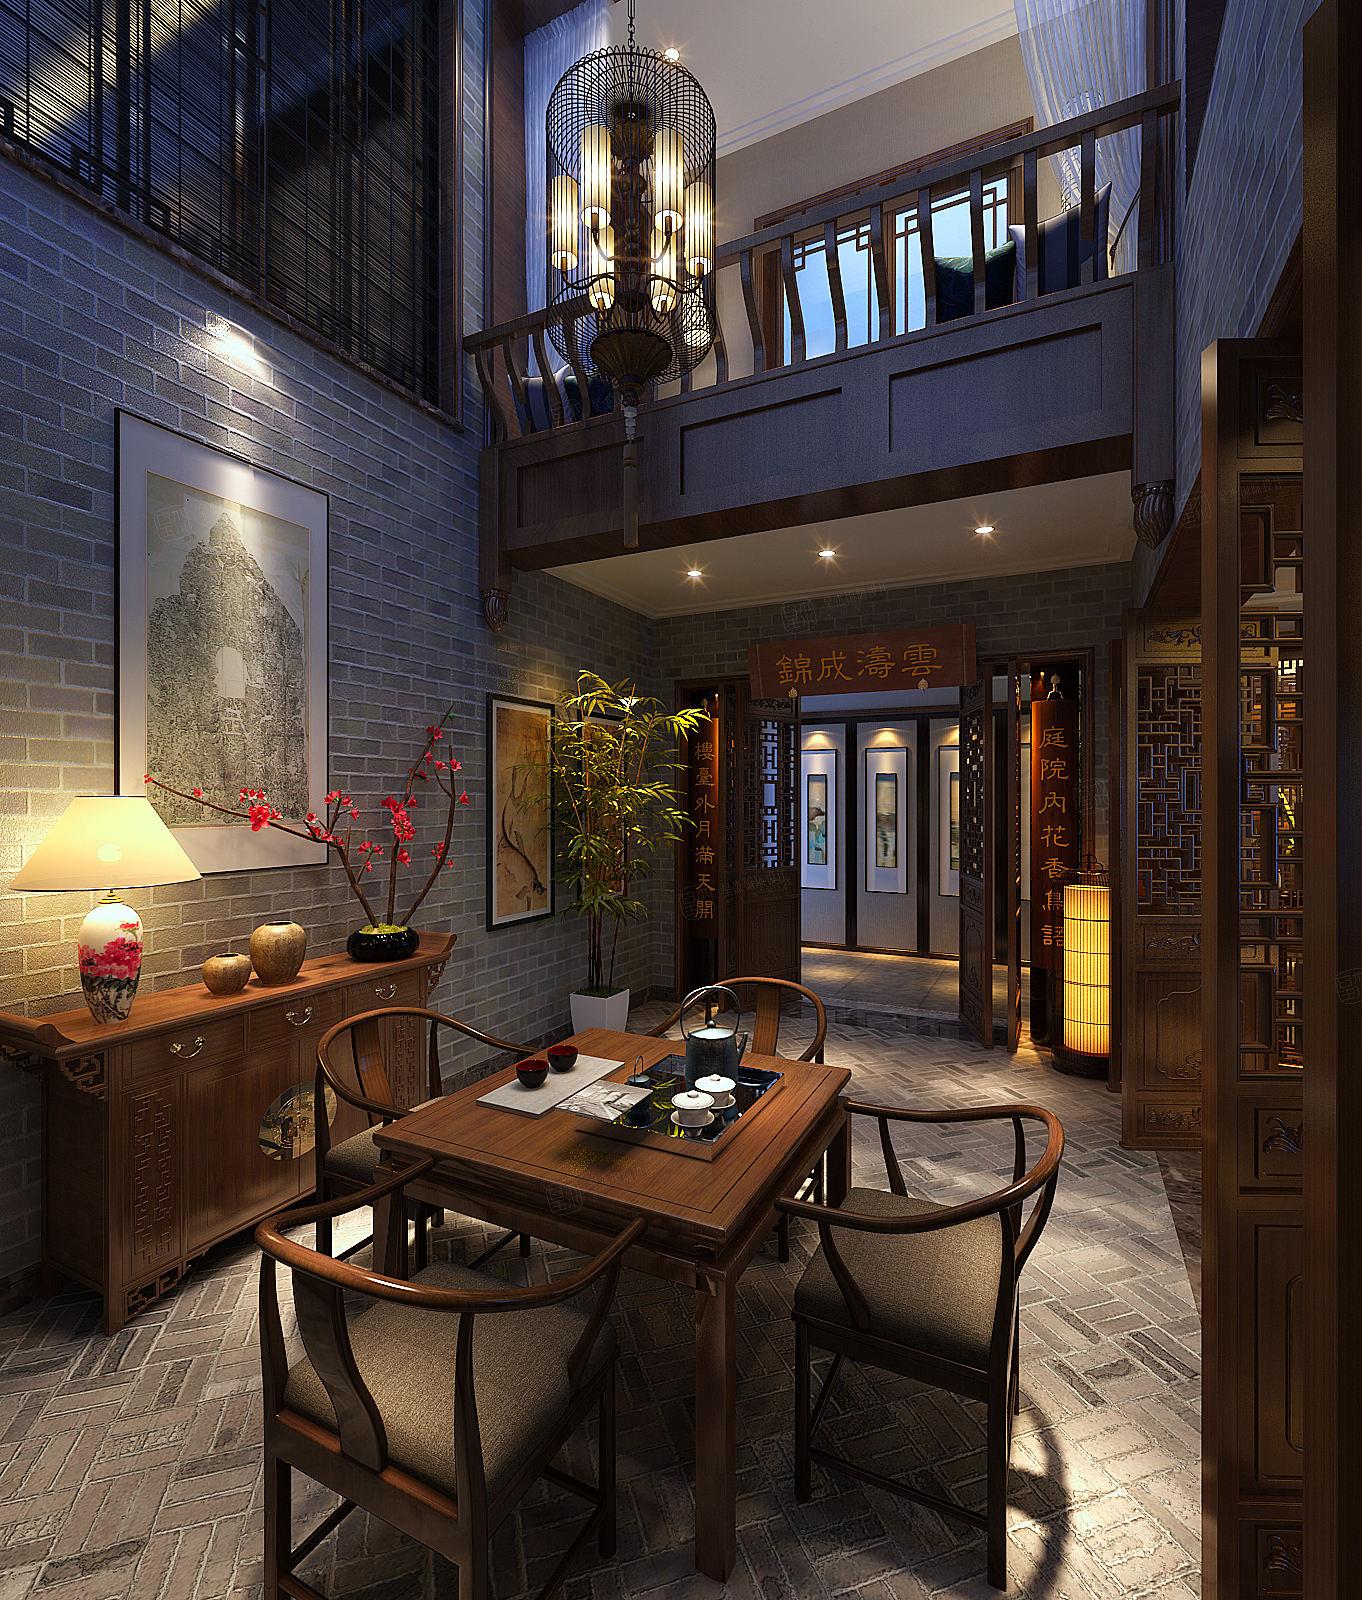 朗诗绿岛 现代中式装修茶室效果图